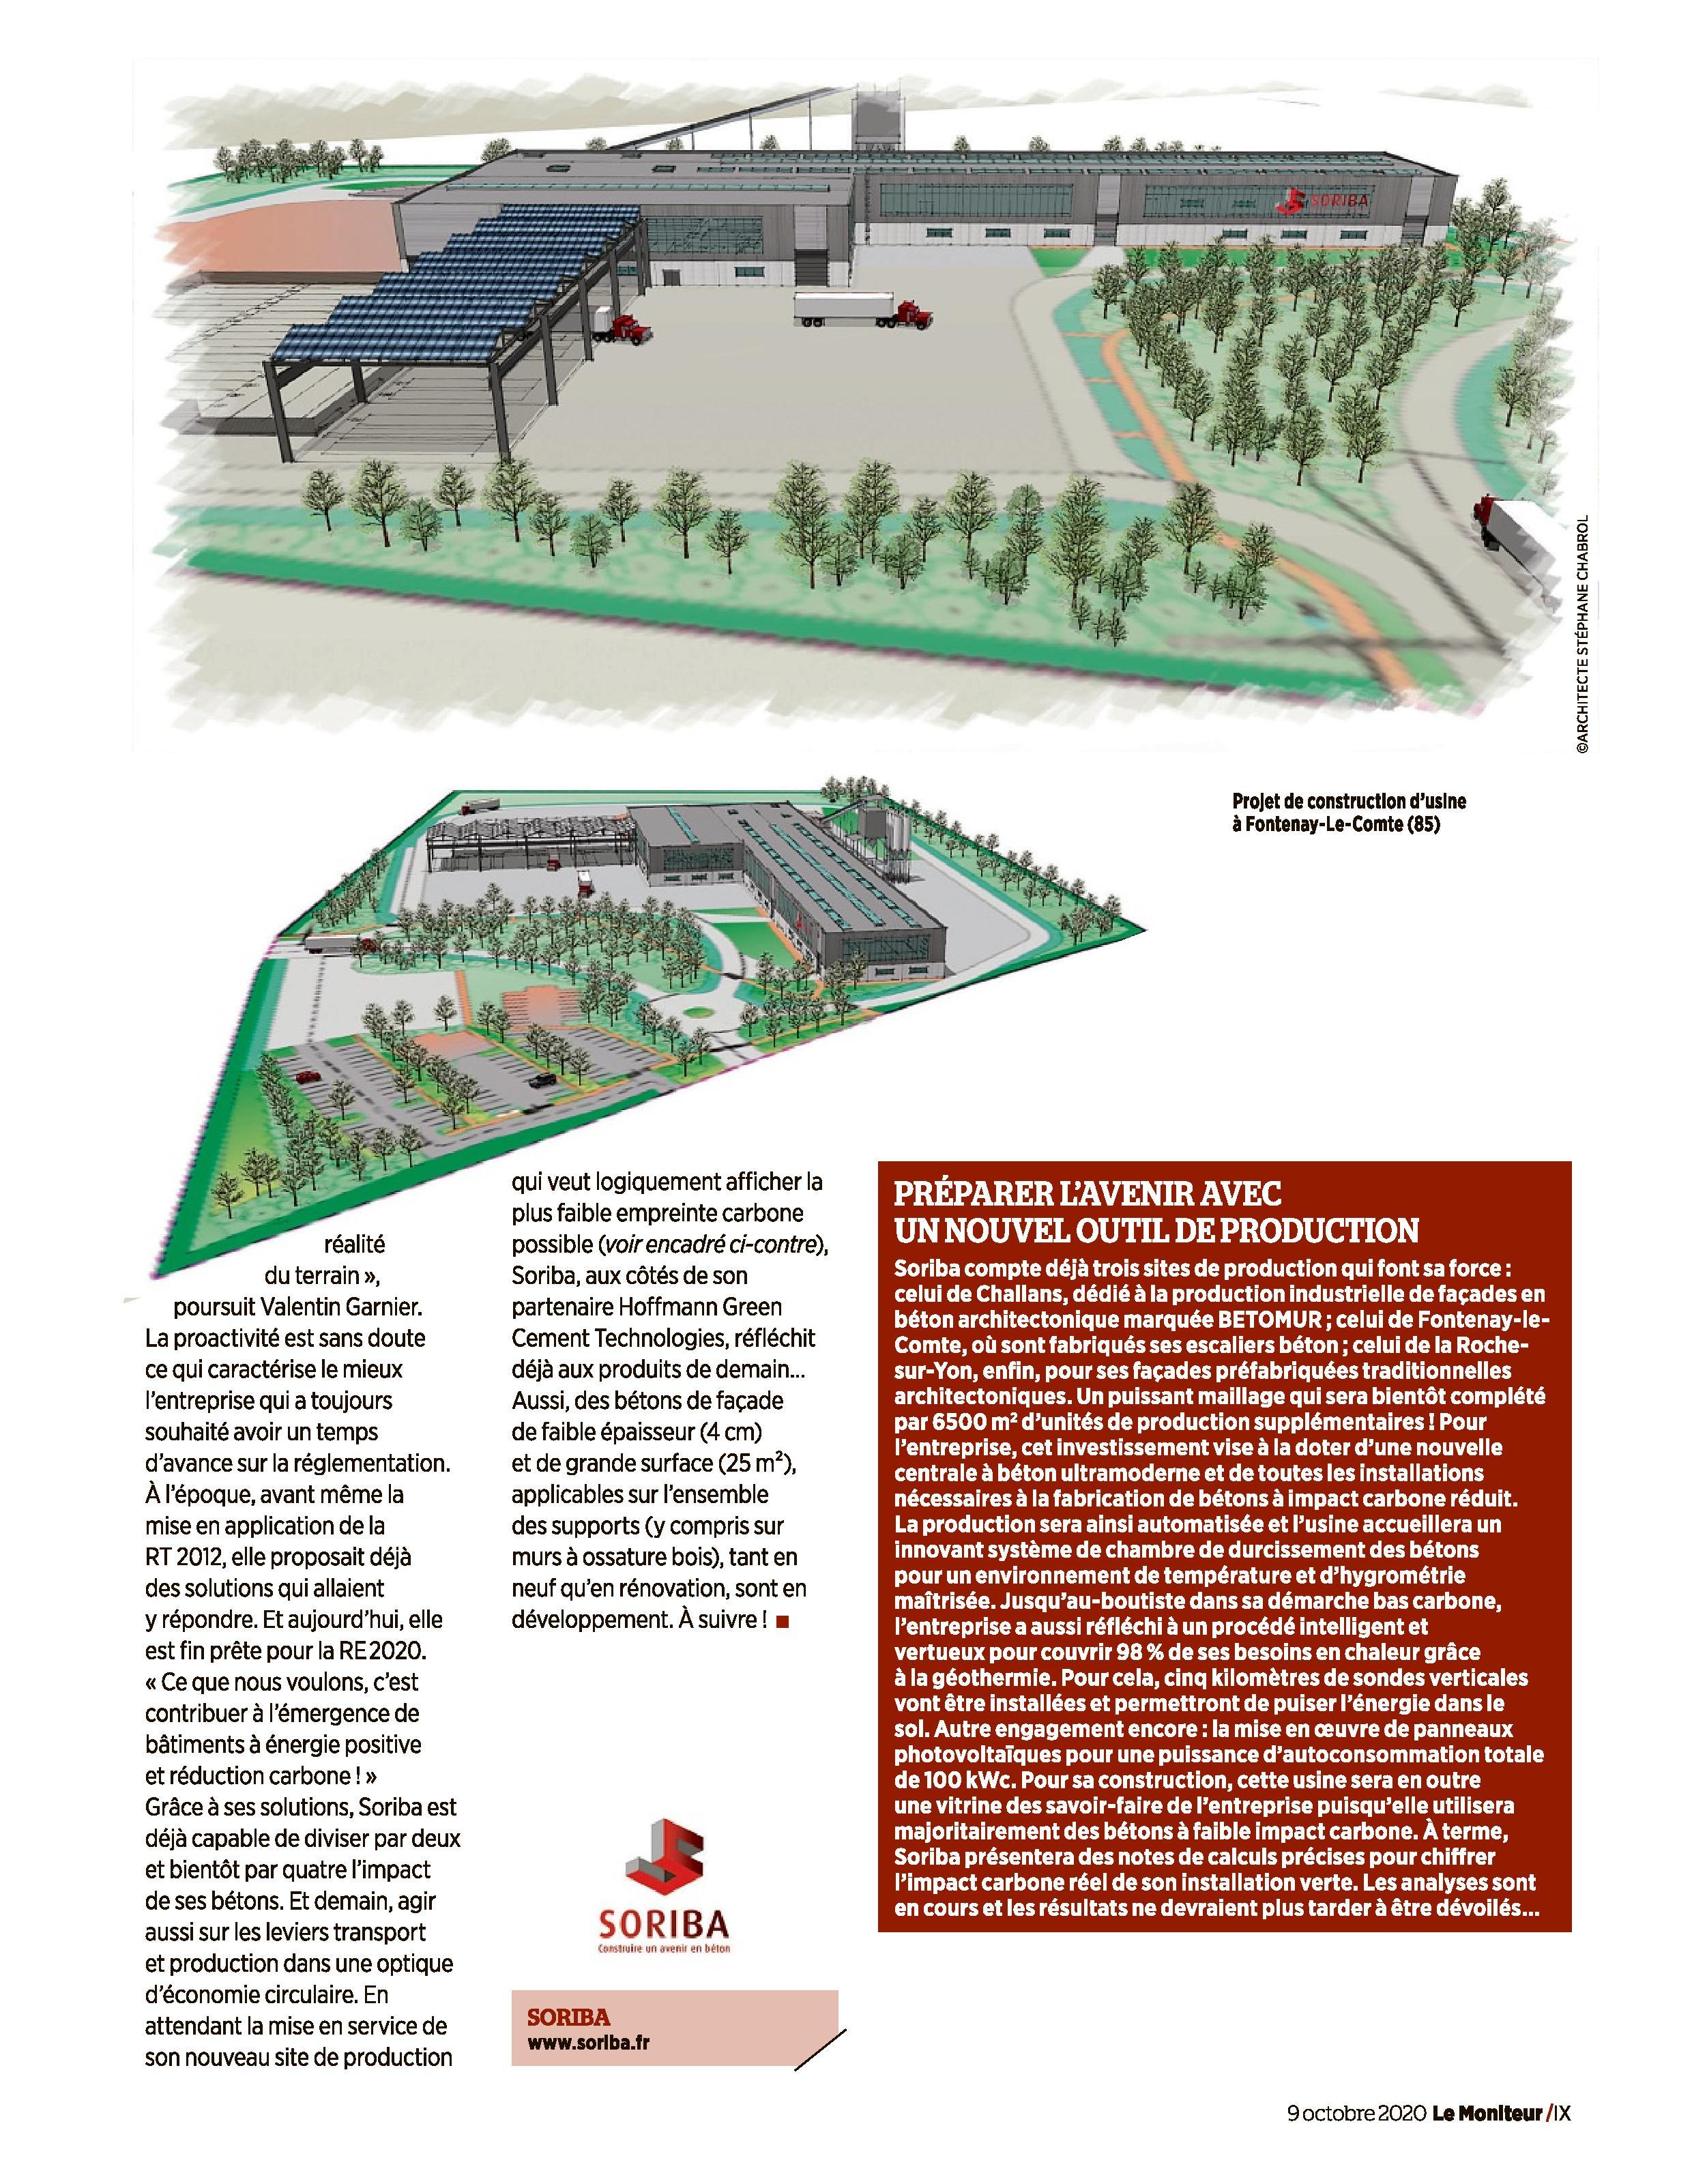 Article Le Moniteur - Publidossier du 09.10.2020 page 2